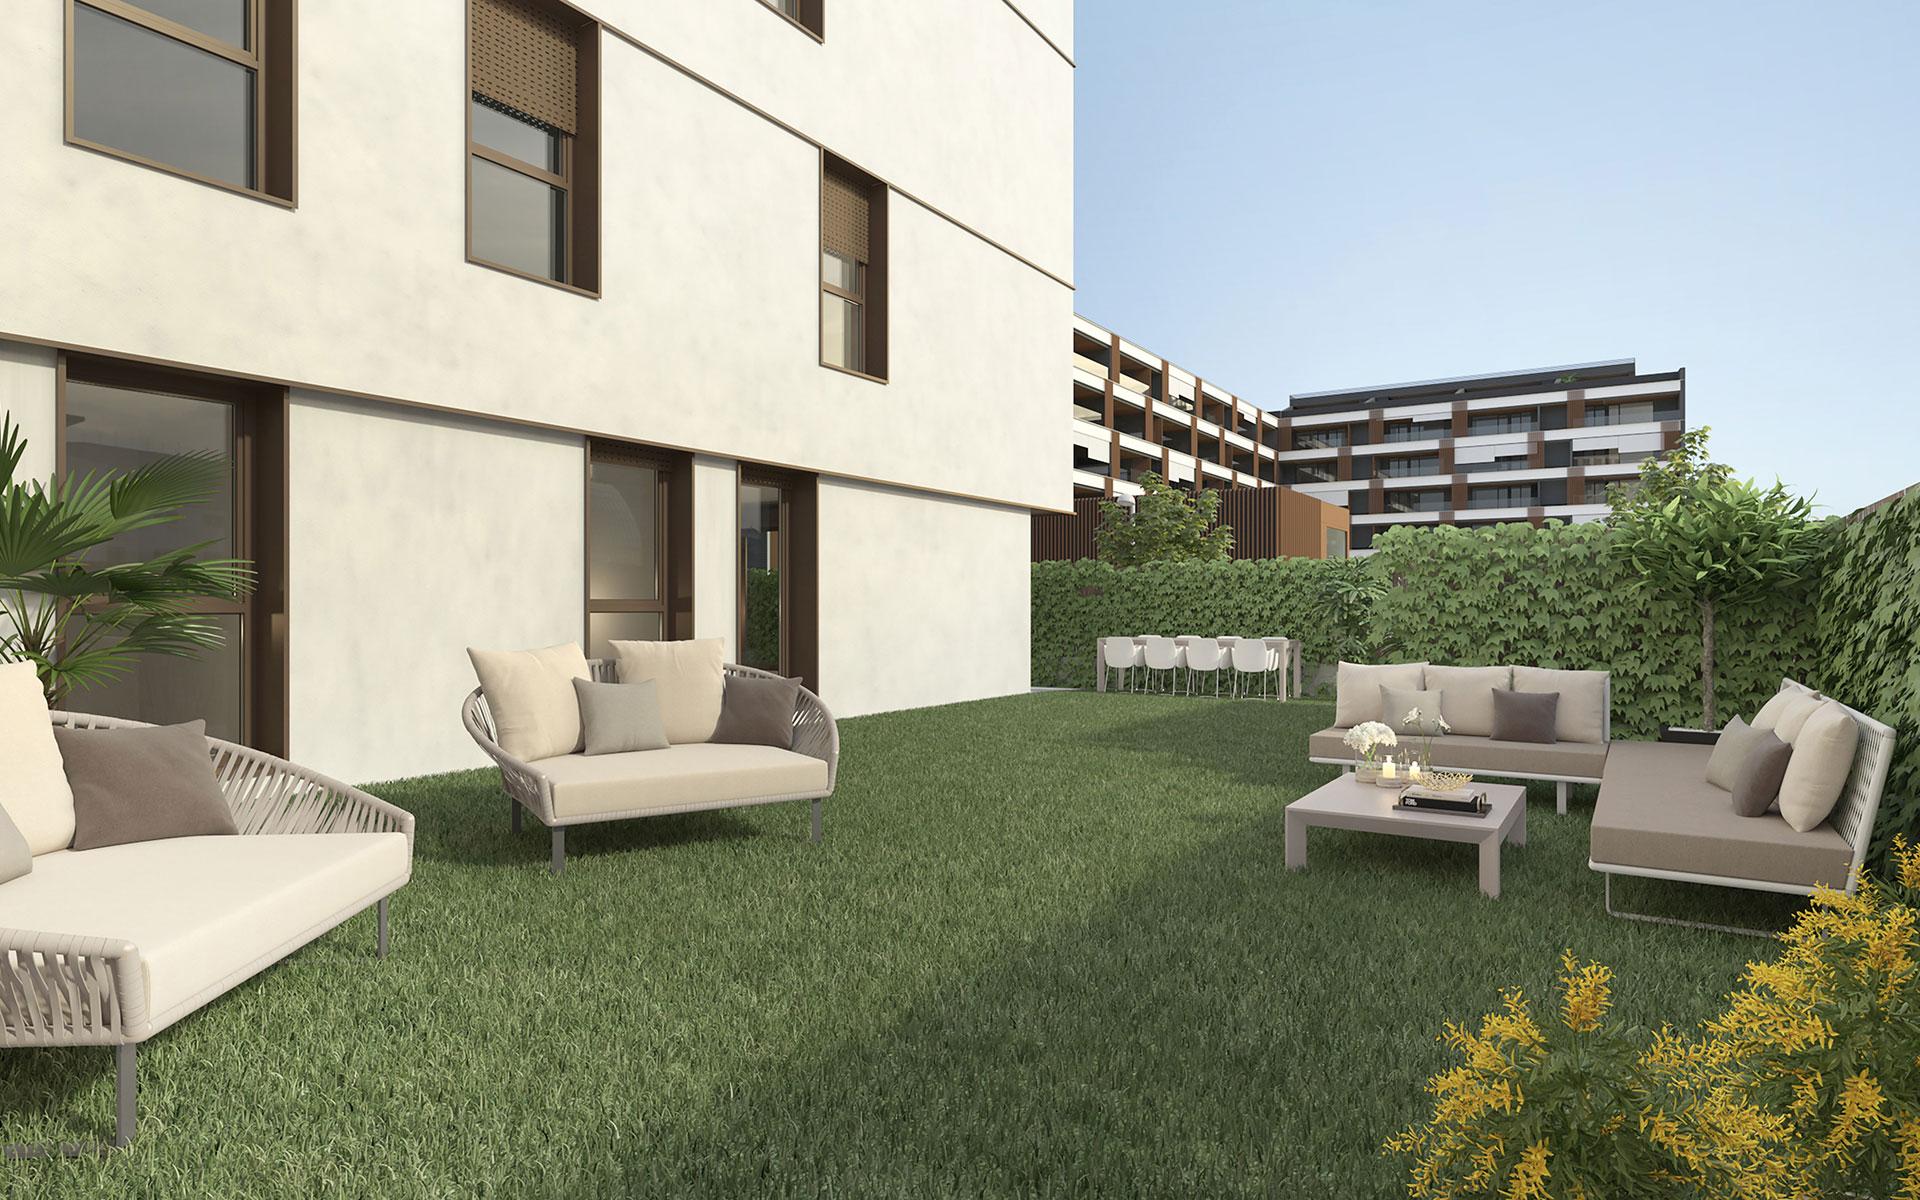 VPT---6-jardin-privado-R